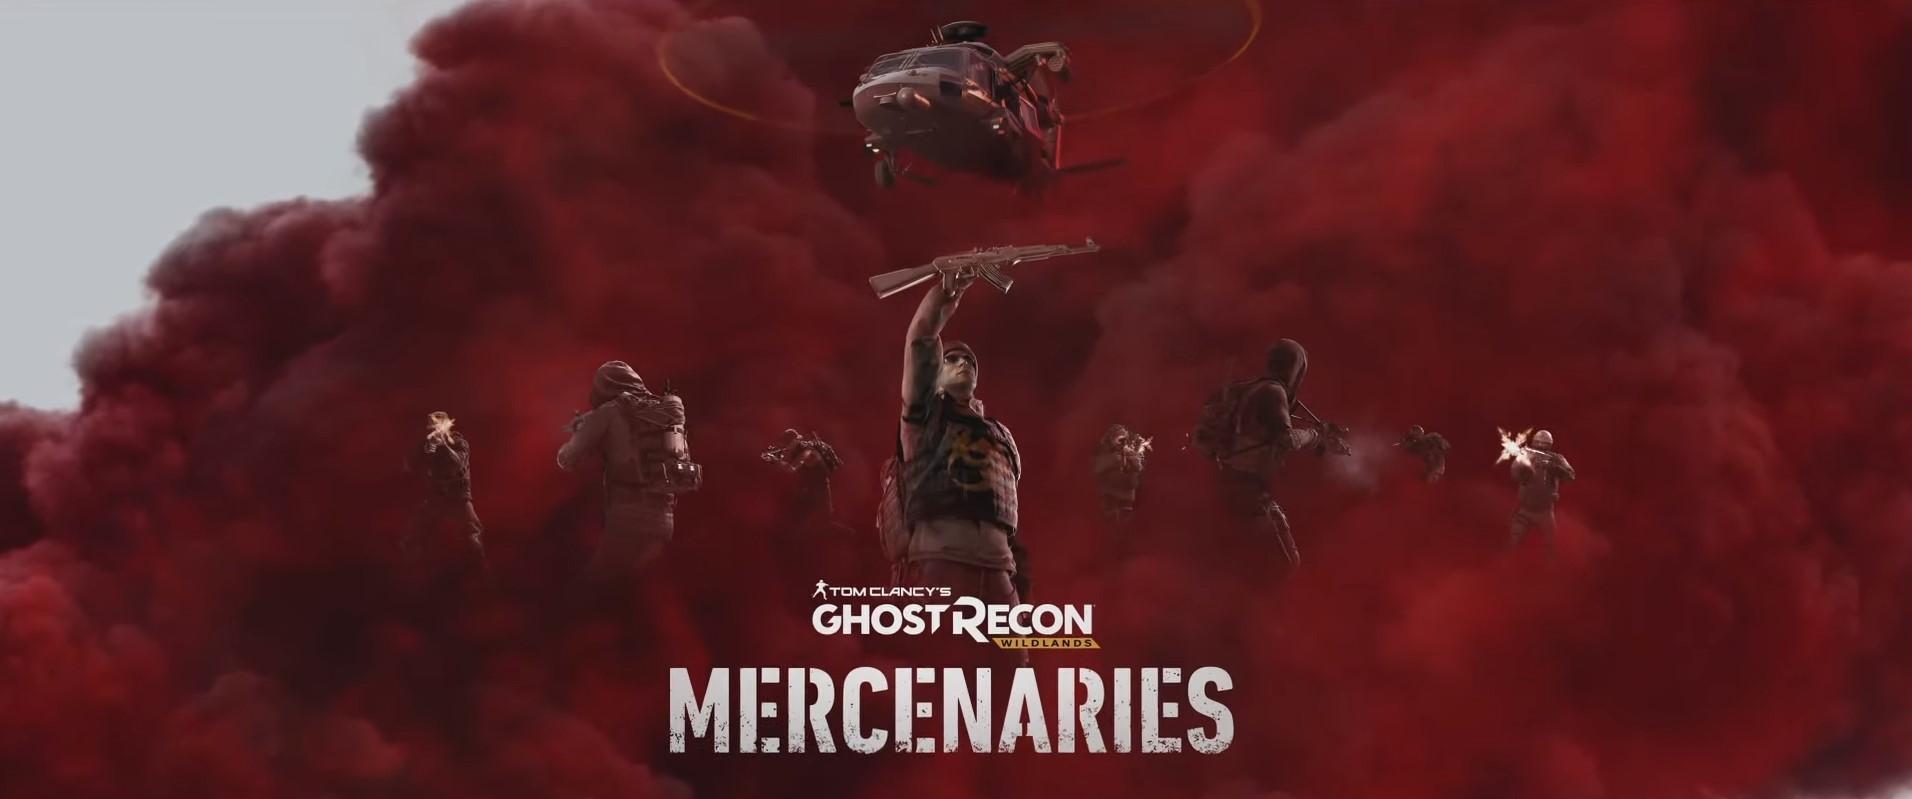 Завтра для Ghost Recon Wildlands выйдет финальное крупное обновление